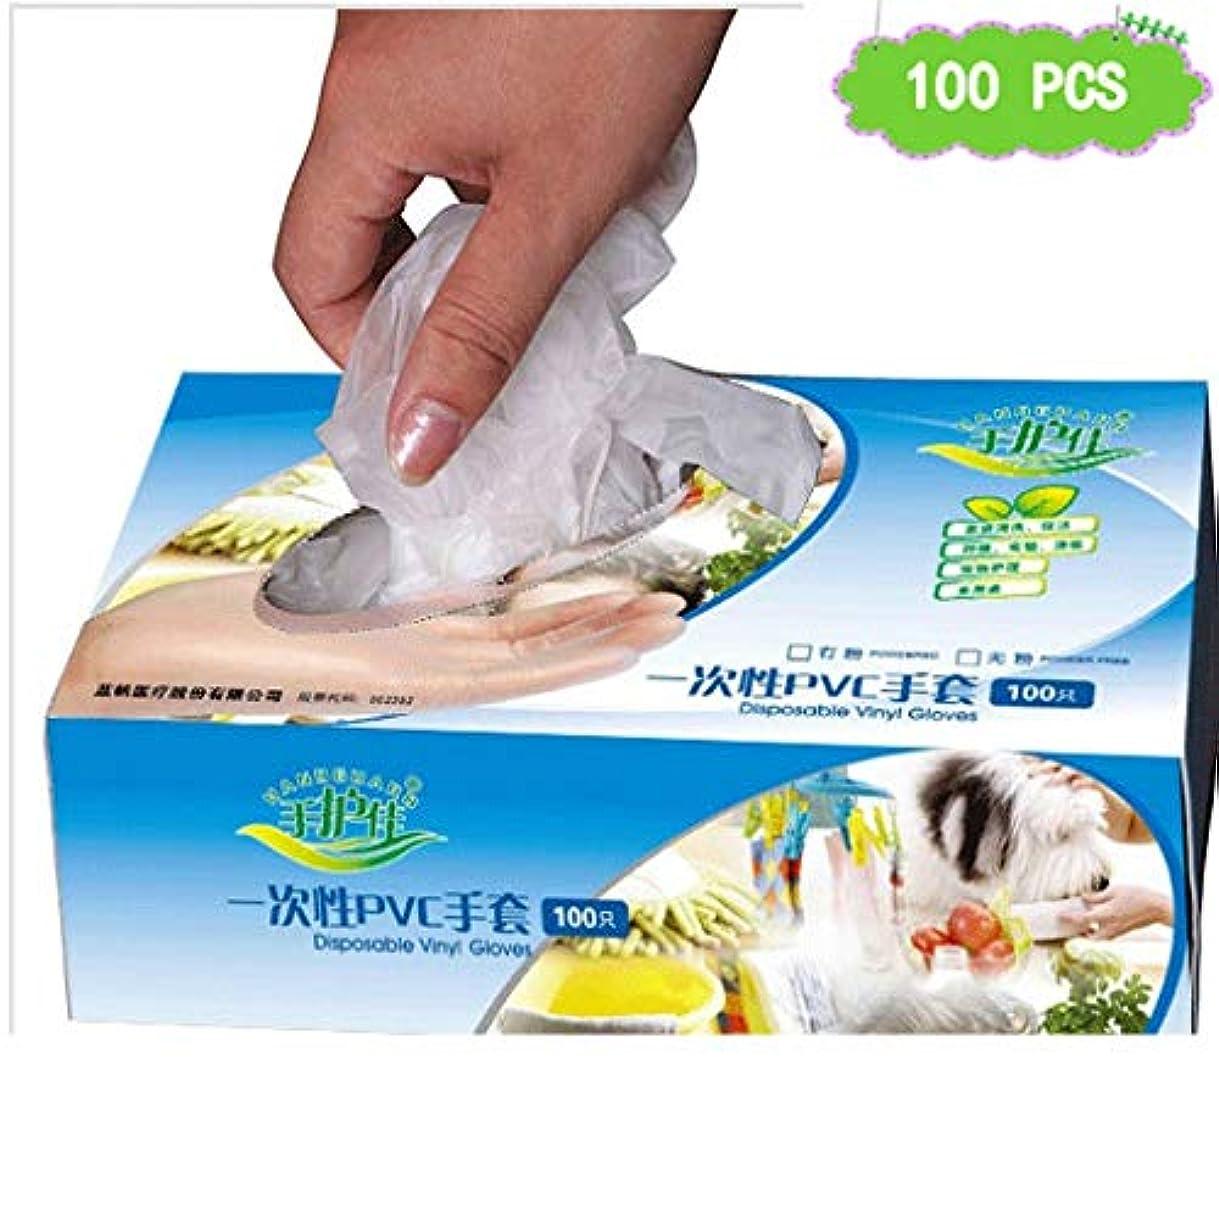 学校教育噛む文字通りビニール試験使い捨て手袋ゴム研究所労働保険PVC手袋検査保護実験、ビューティーサロンラテックスフリー、パウダーフリー、両手利き、100個 (Size : M)